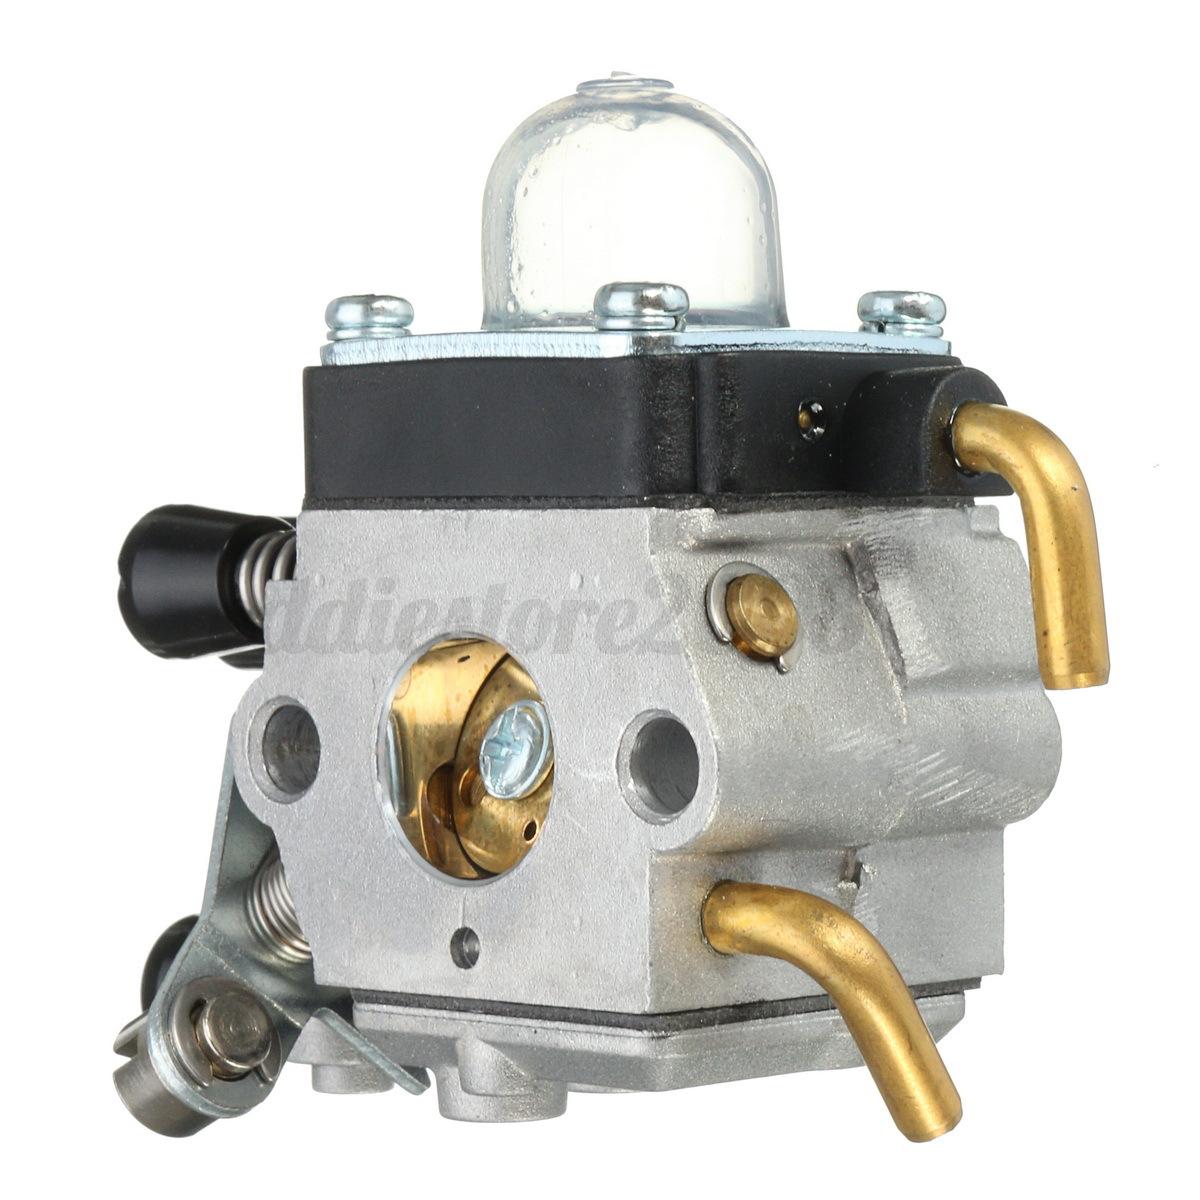 hight resolution of carburetor air fuel filter kit for stihl fs74 fs75 fs76 fs80 fs85 fs38 fs55 zama 4 4 of 12